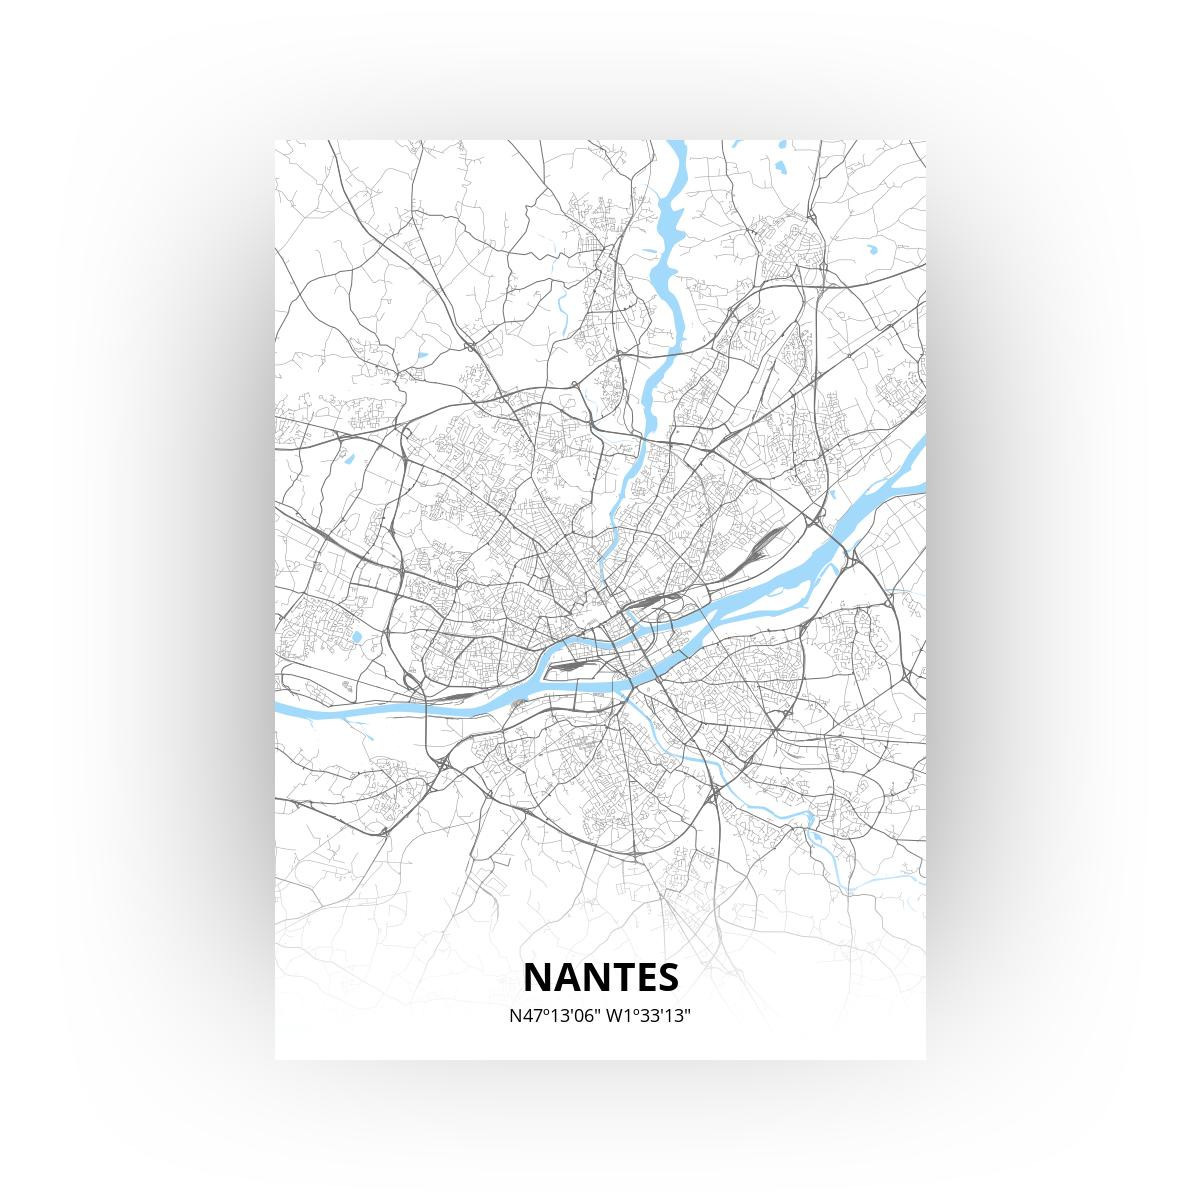 Nantes print - Standaard stijl